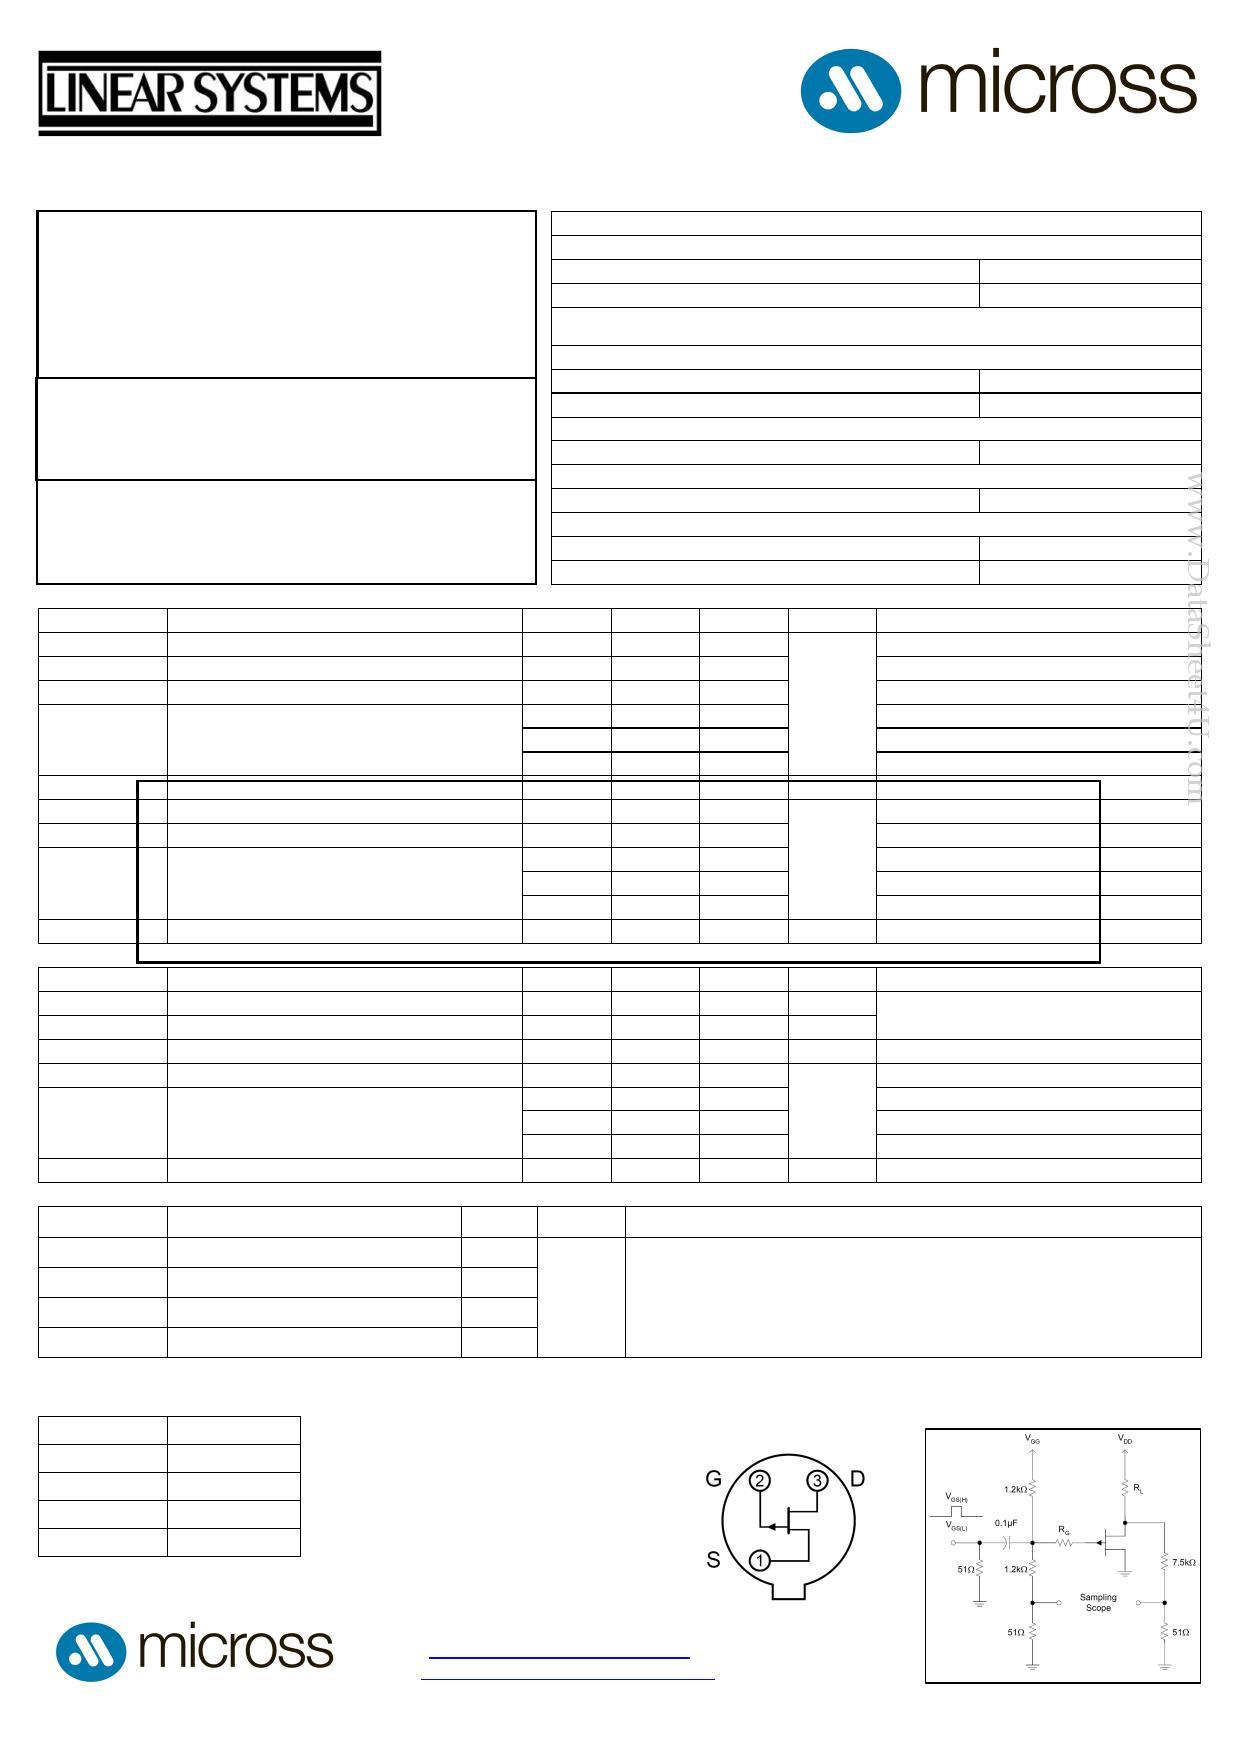 2N5115 Datasheet, 2N5115 PDF,ピン配置, 機能